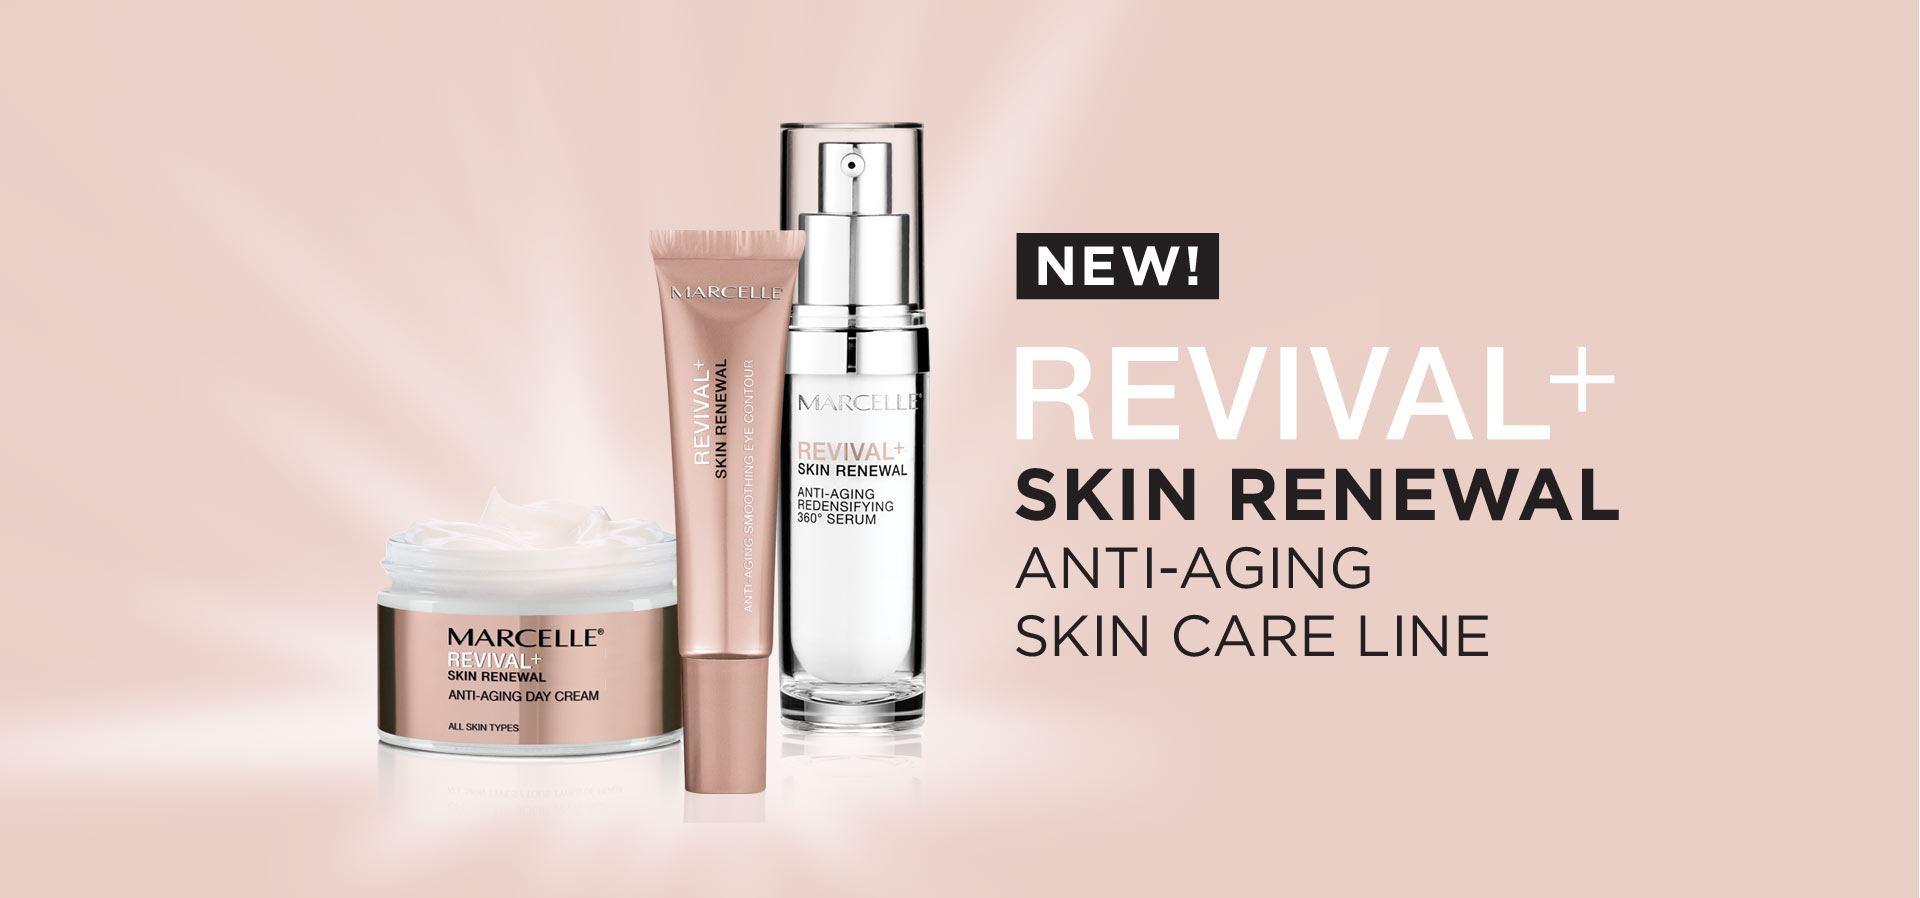 New! Revival+ Skin renewal, anti-aging, skin care line.